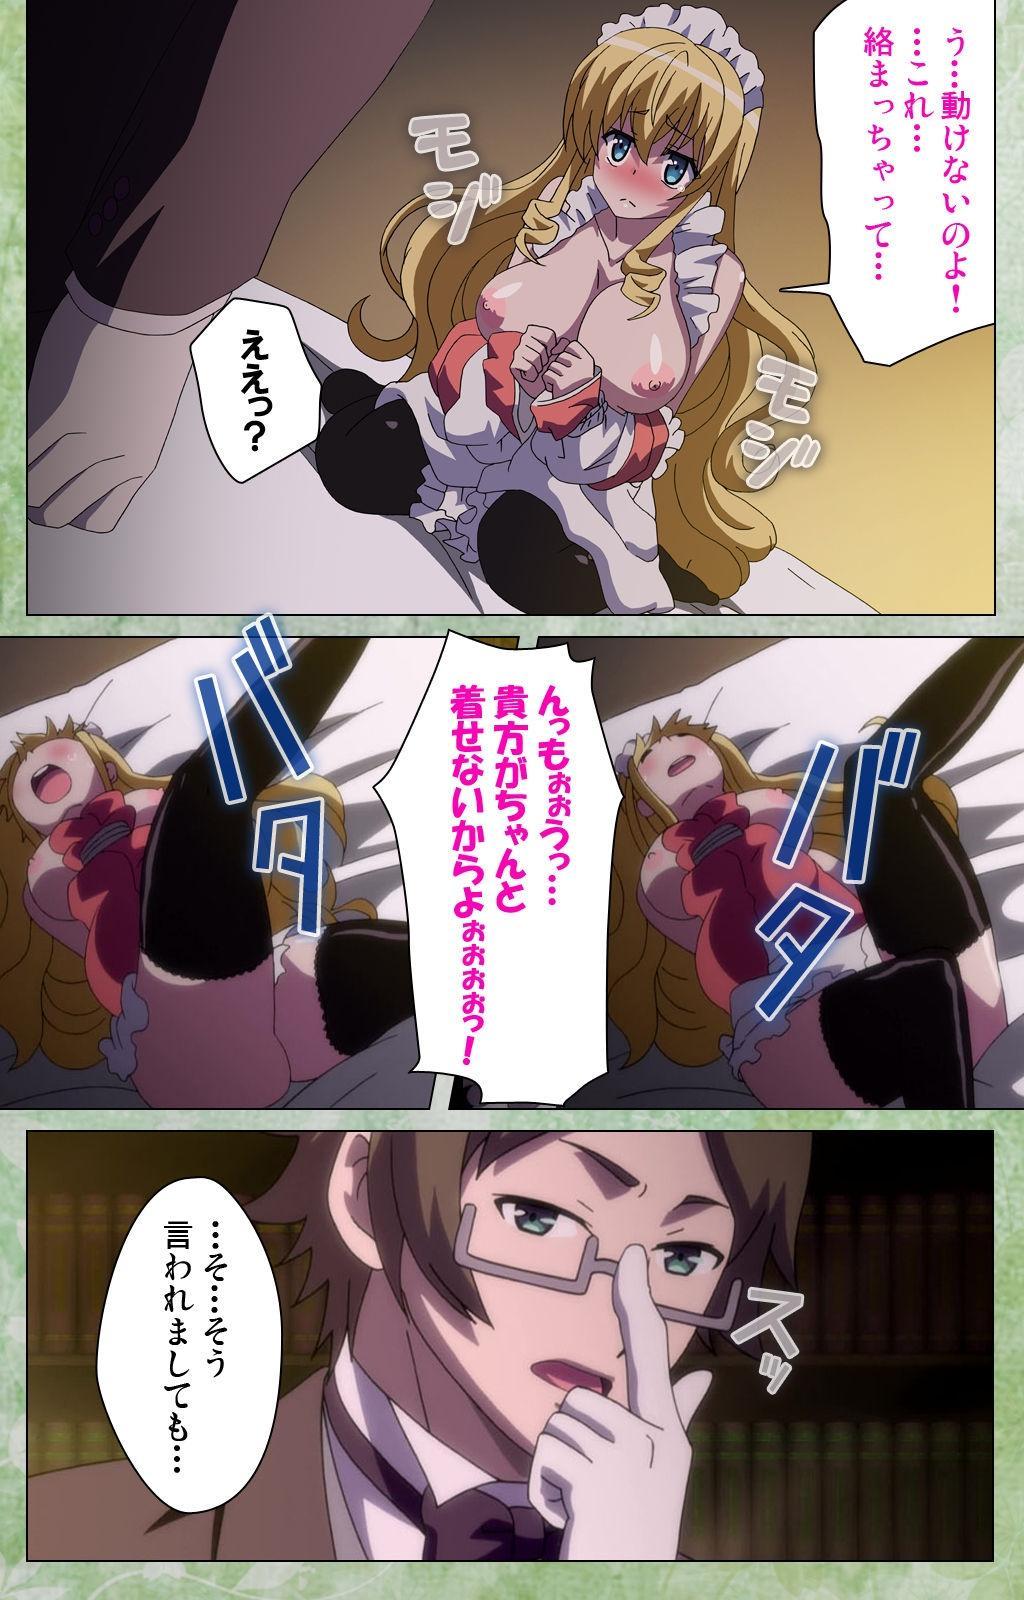 [Shiokonbu] Koimaguwai ~Ikoku na Retoro~ Complete Ban [Digital] 43